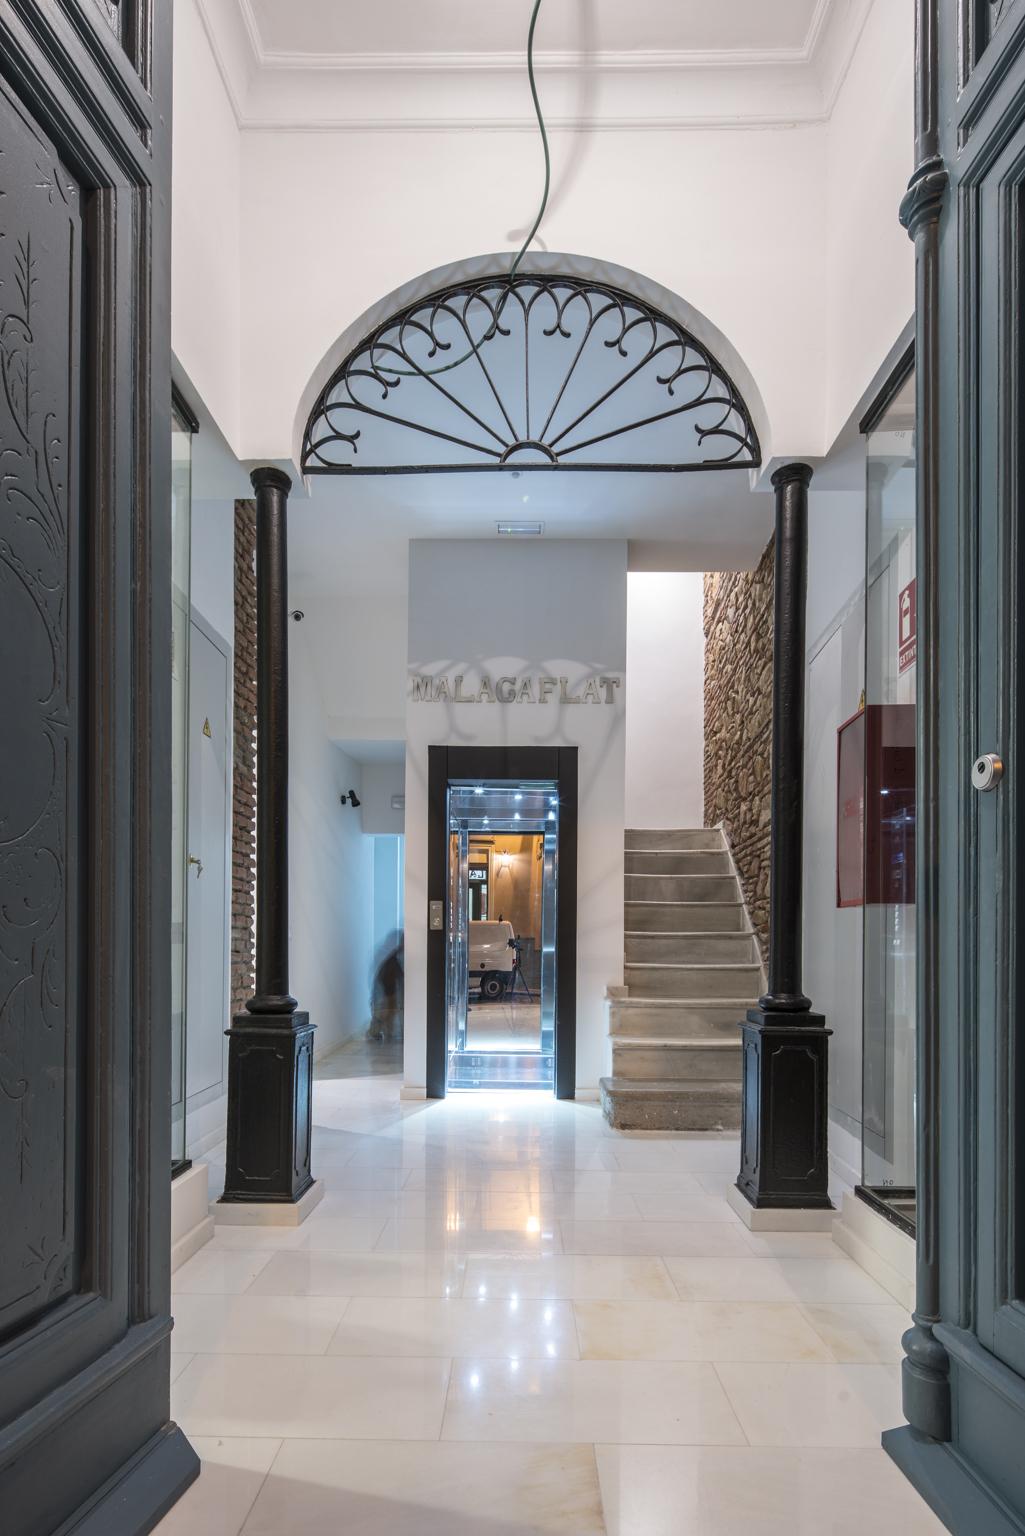 Vi la necesidad de decorar las estancias con una est tica m s internacional entrevista isabel - Interiorismo malaga ...